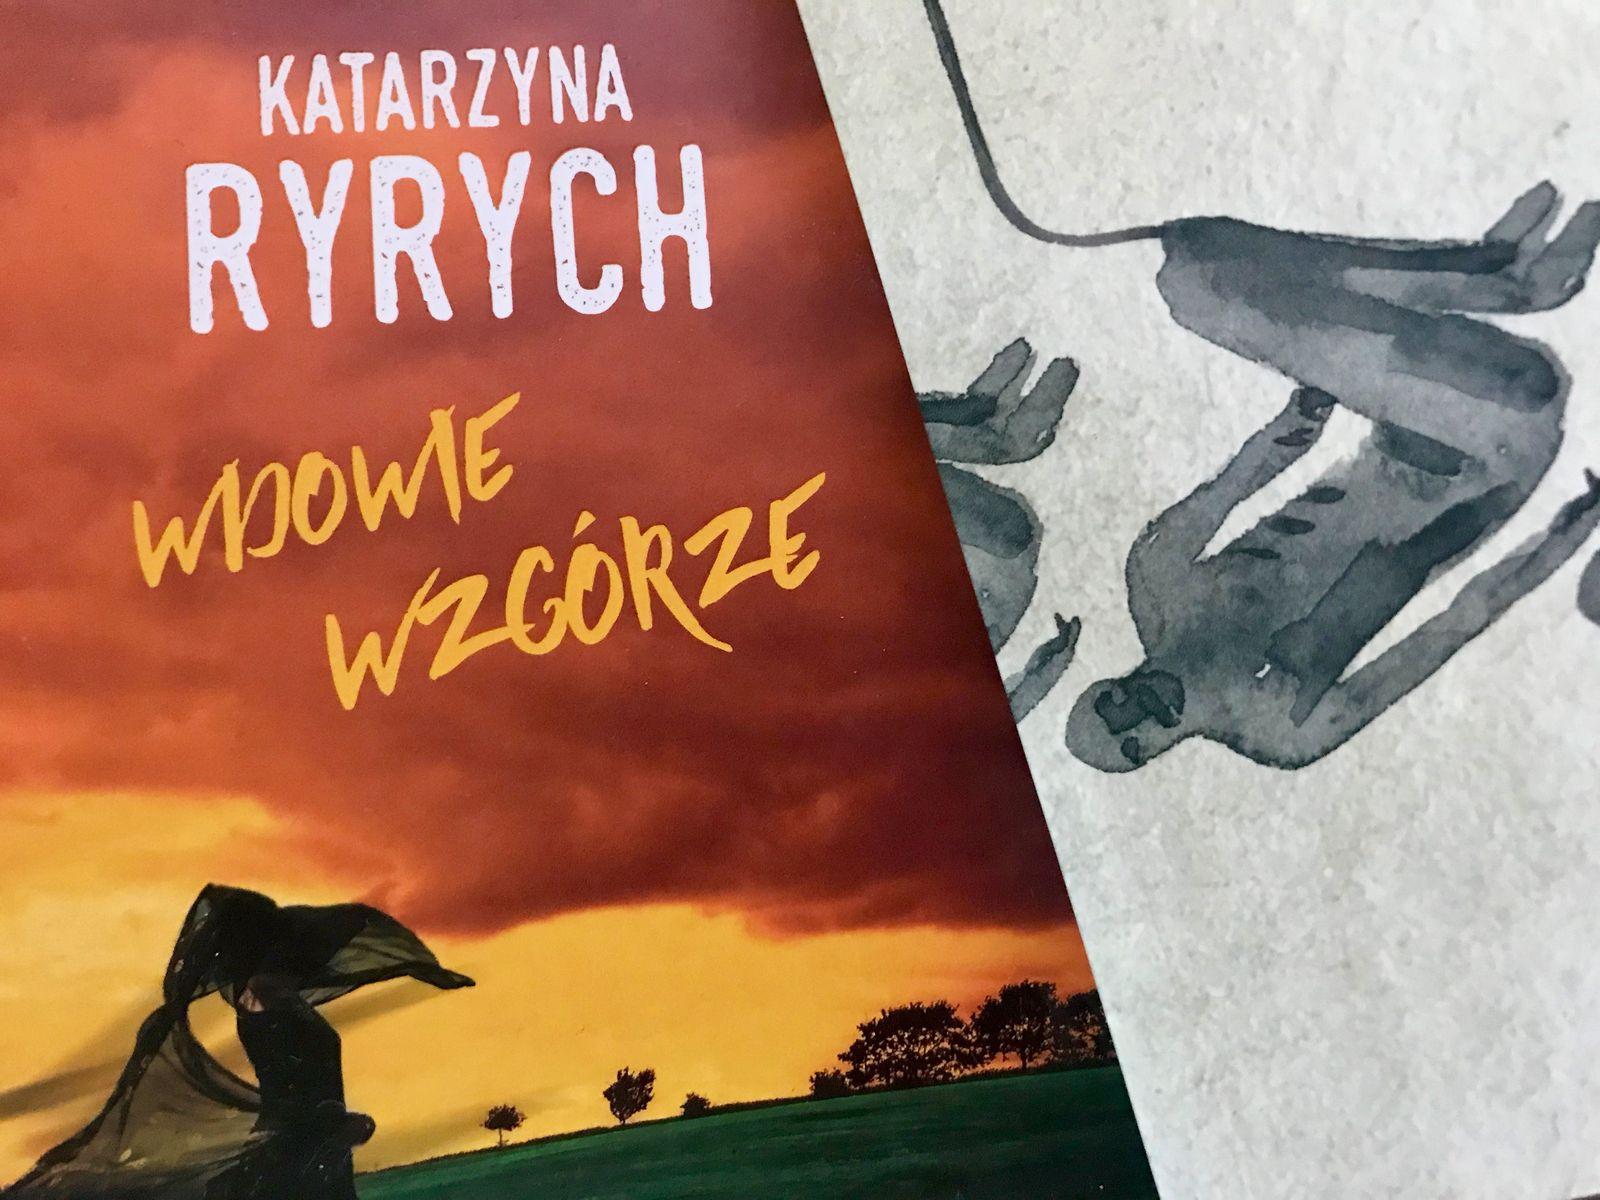 Stracone lata – 2 powieści Katarzyny Ryrych